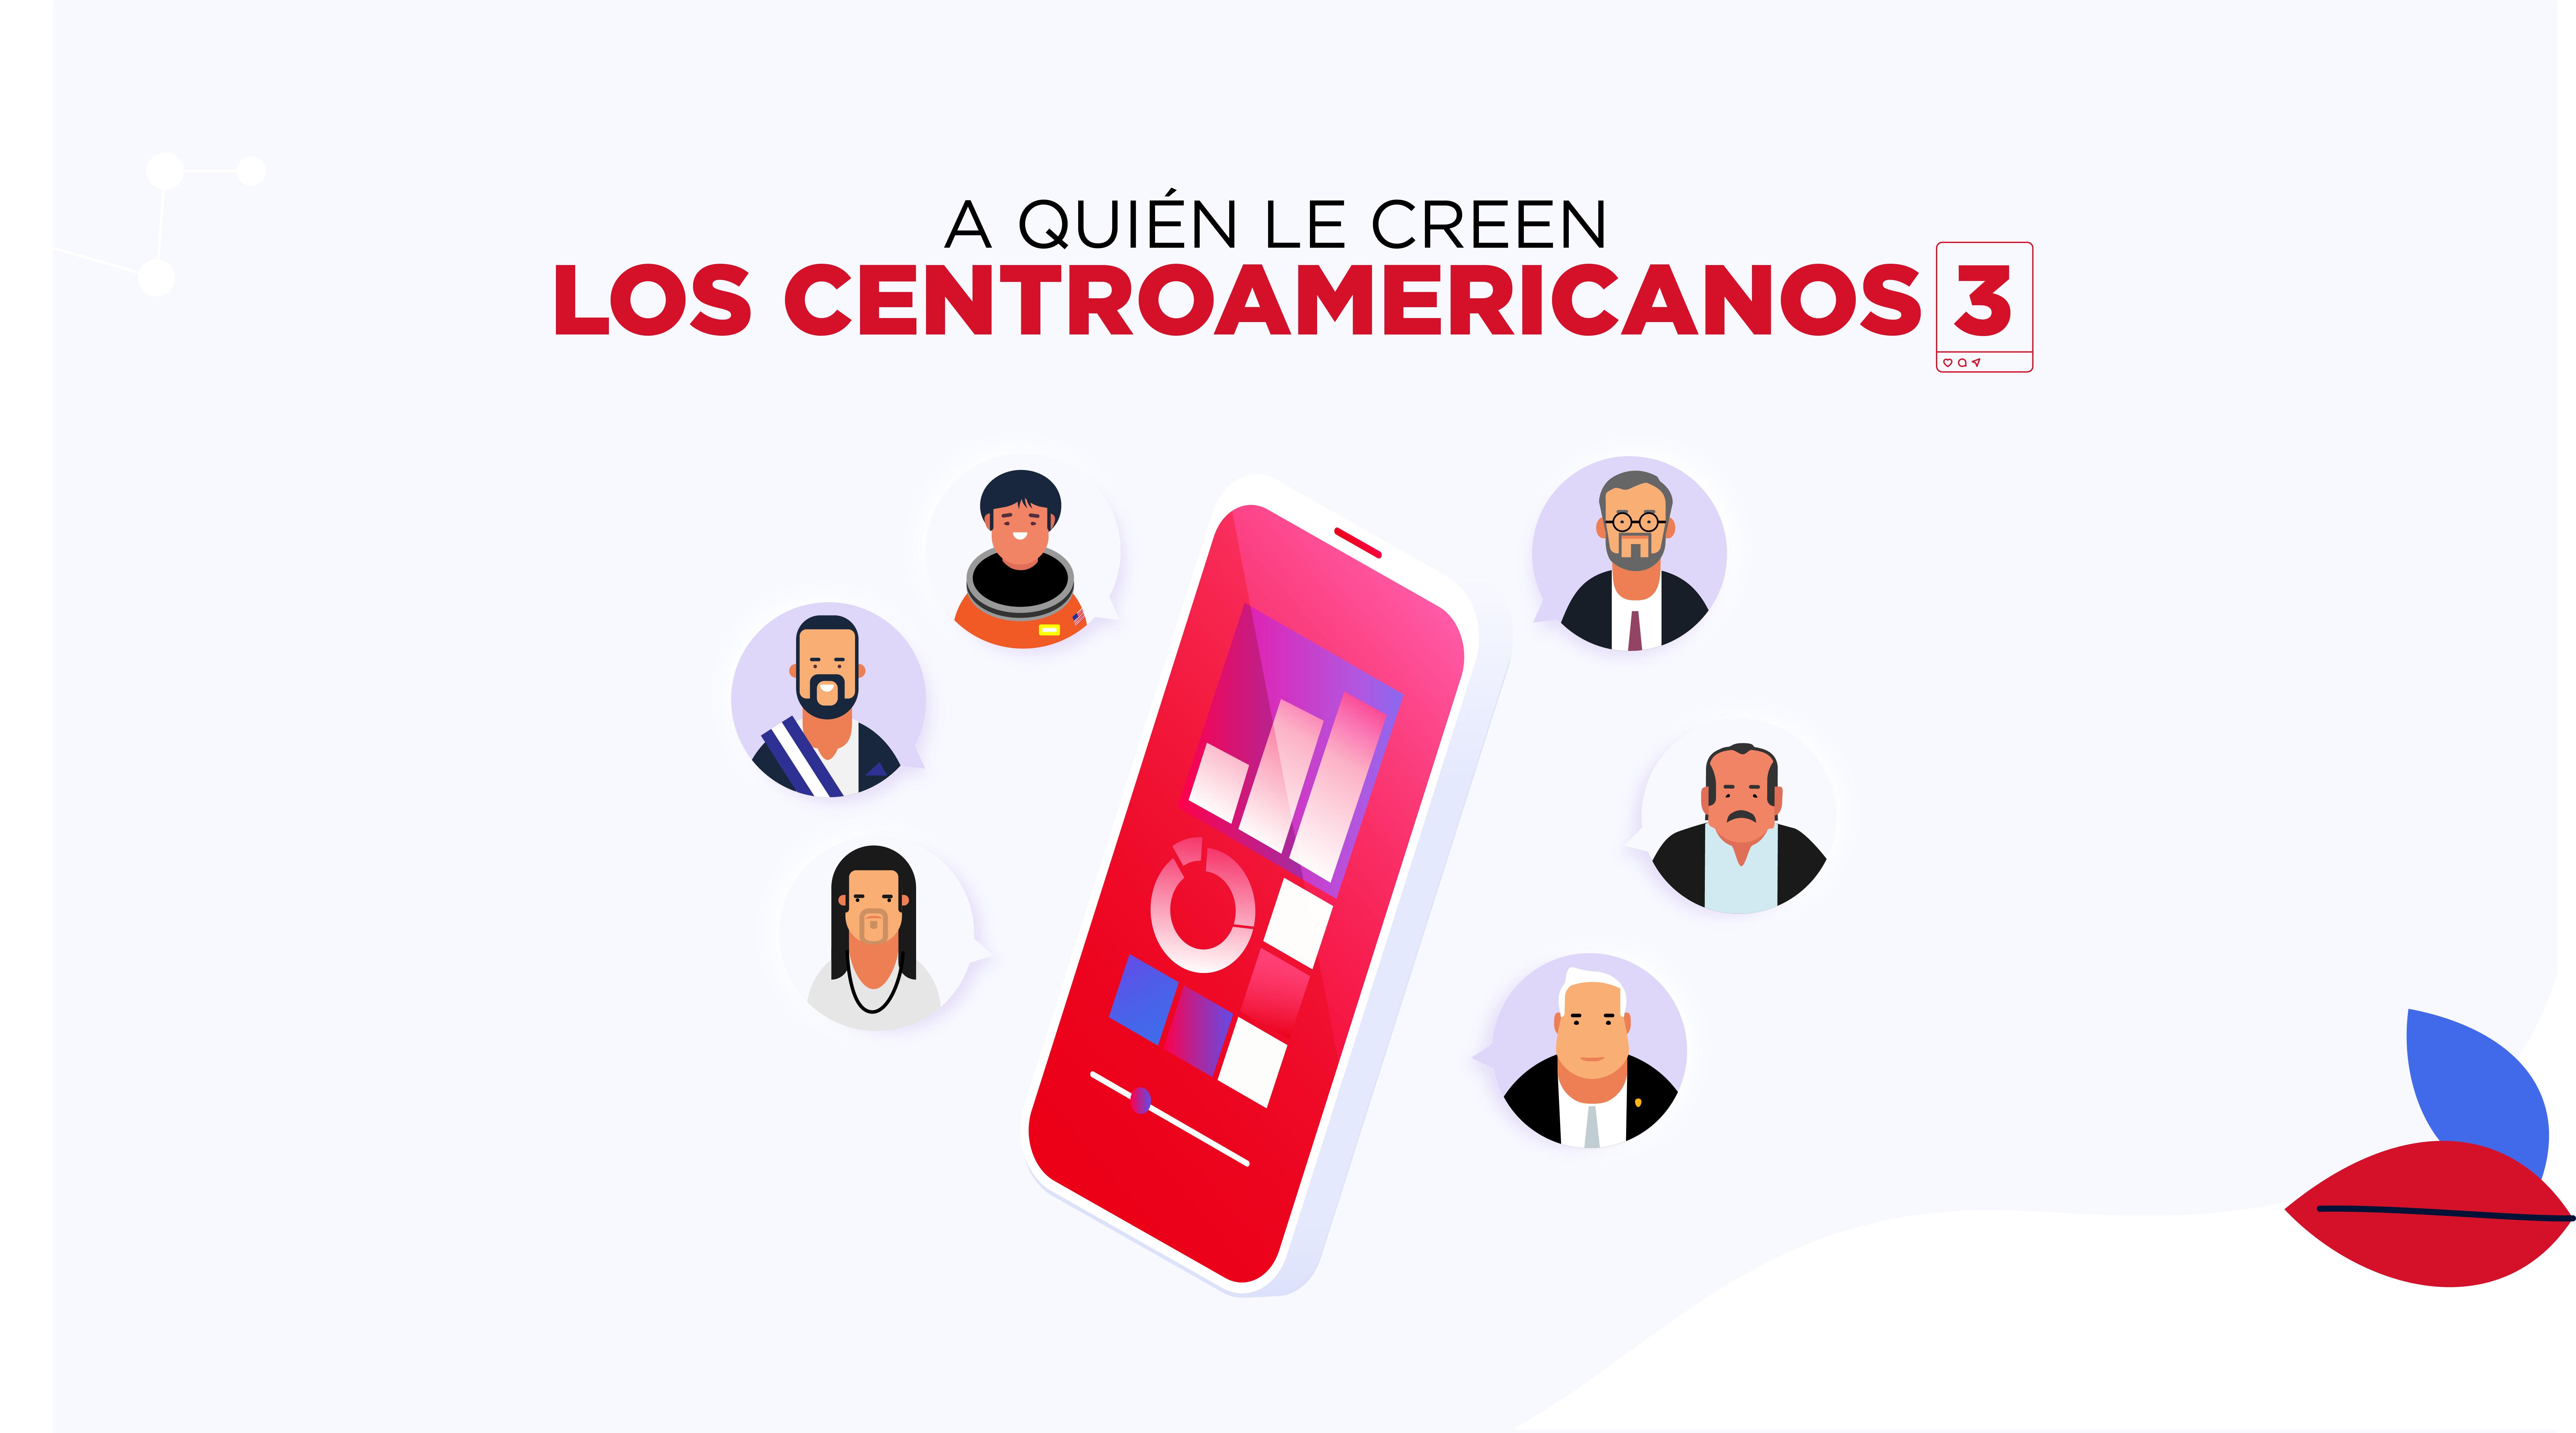 ¿A quién le creen los centroamericanos?